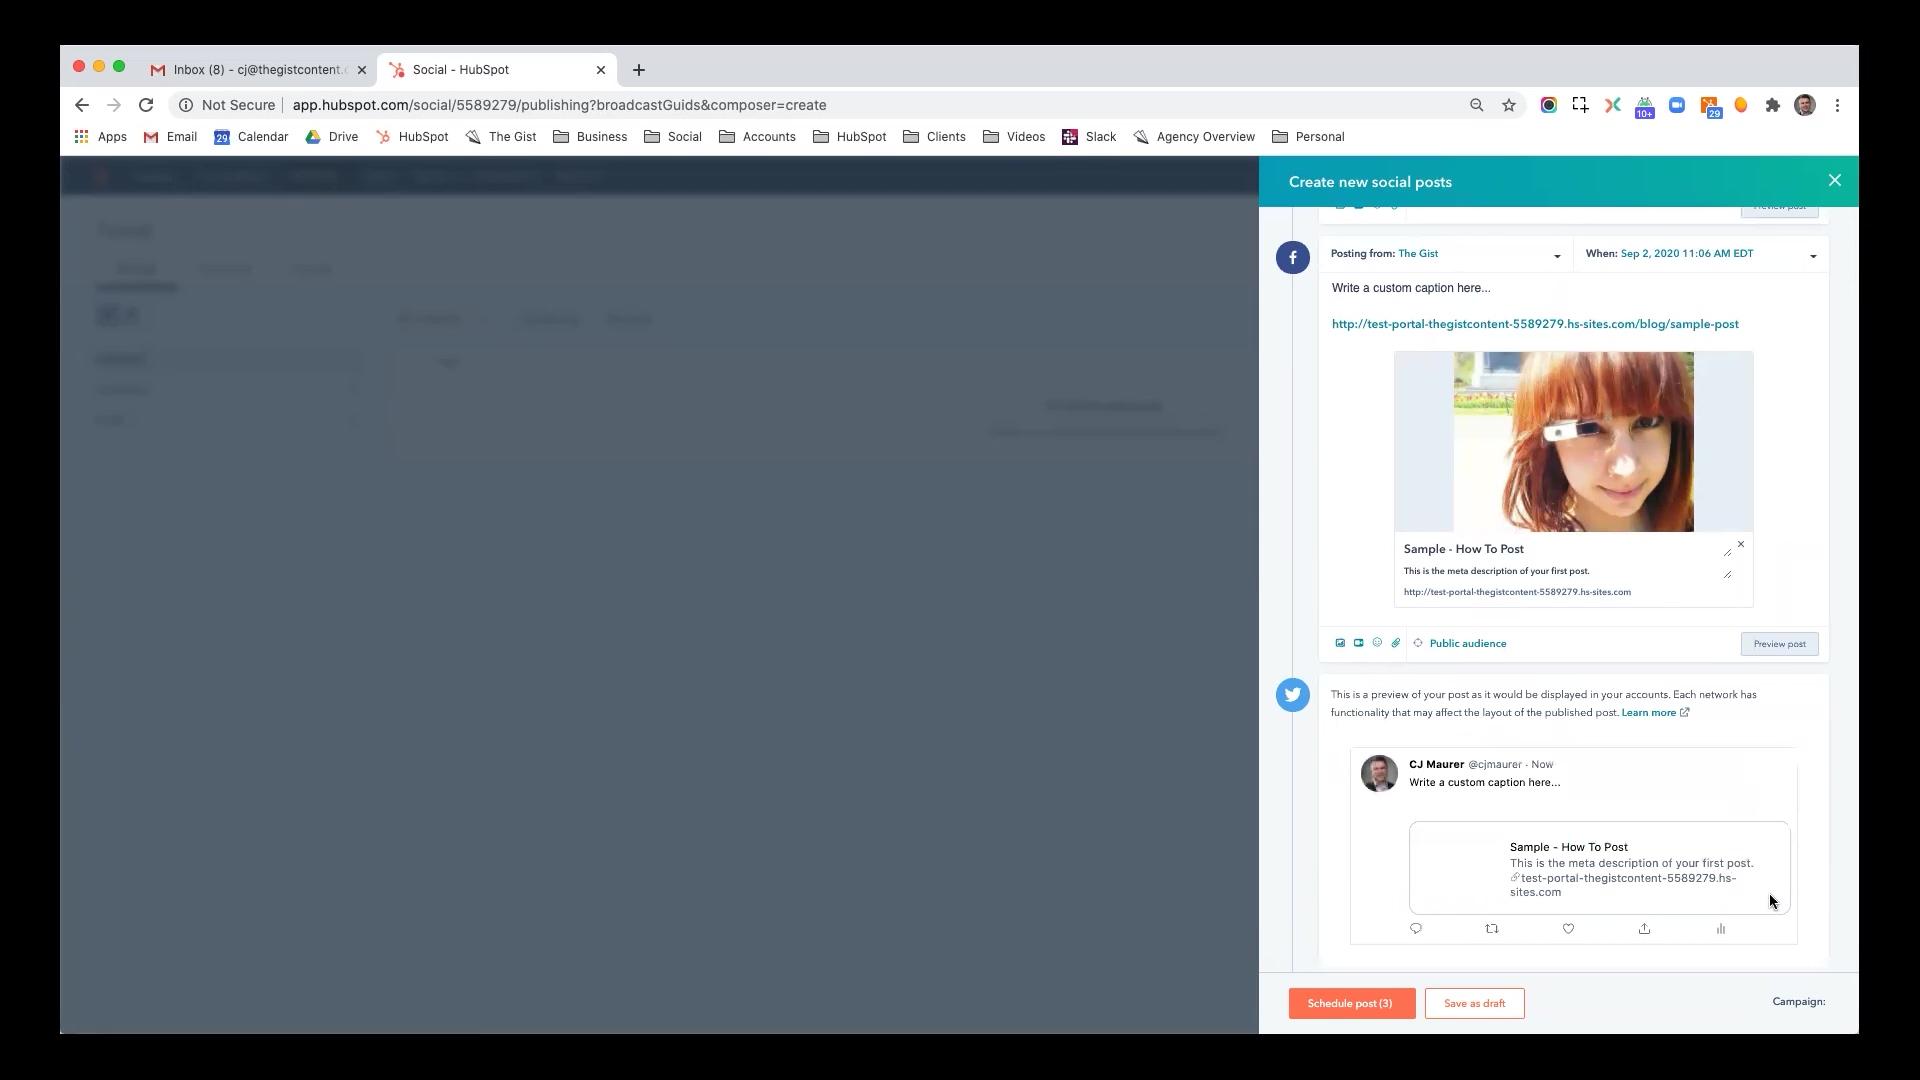 Hubspot - Understanding & Using the Social Media Tool